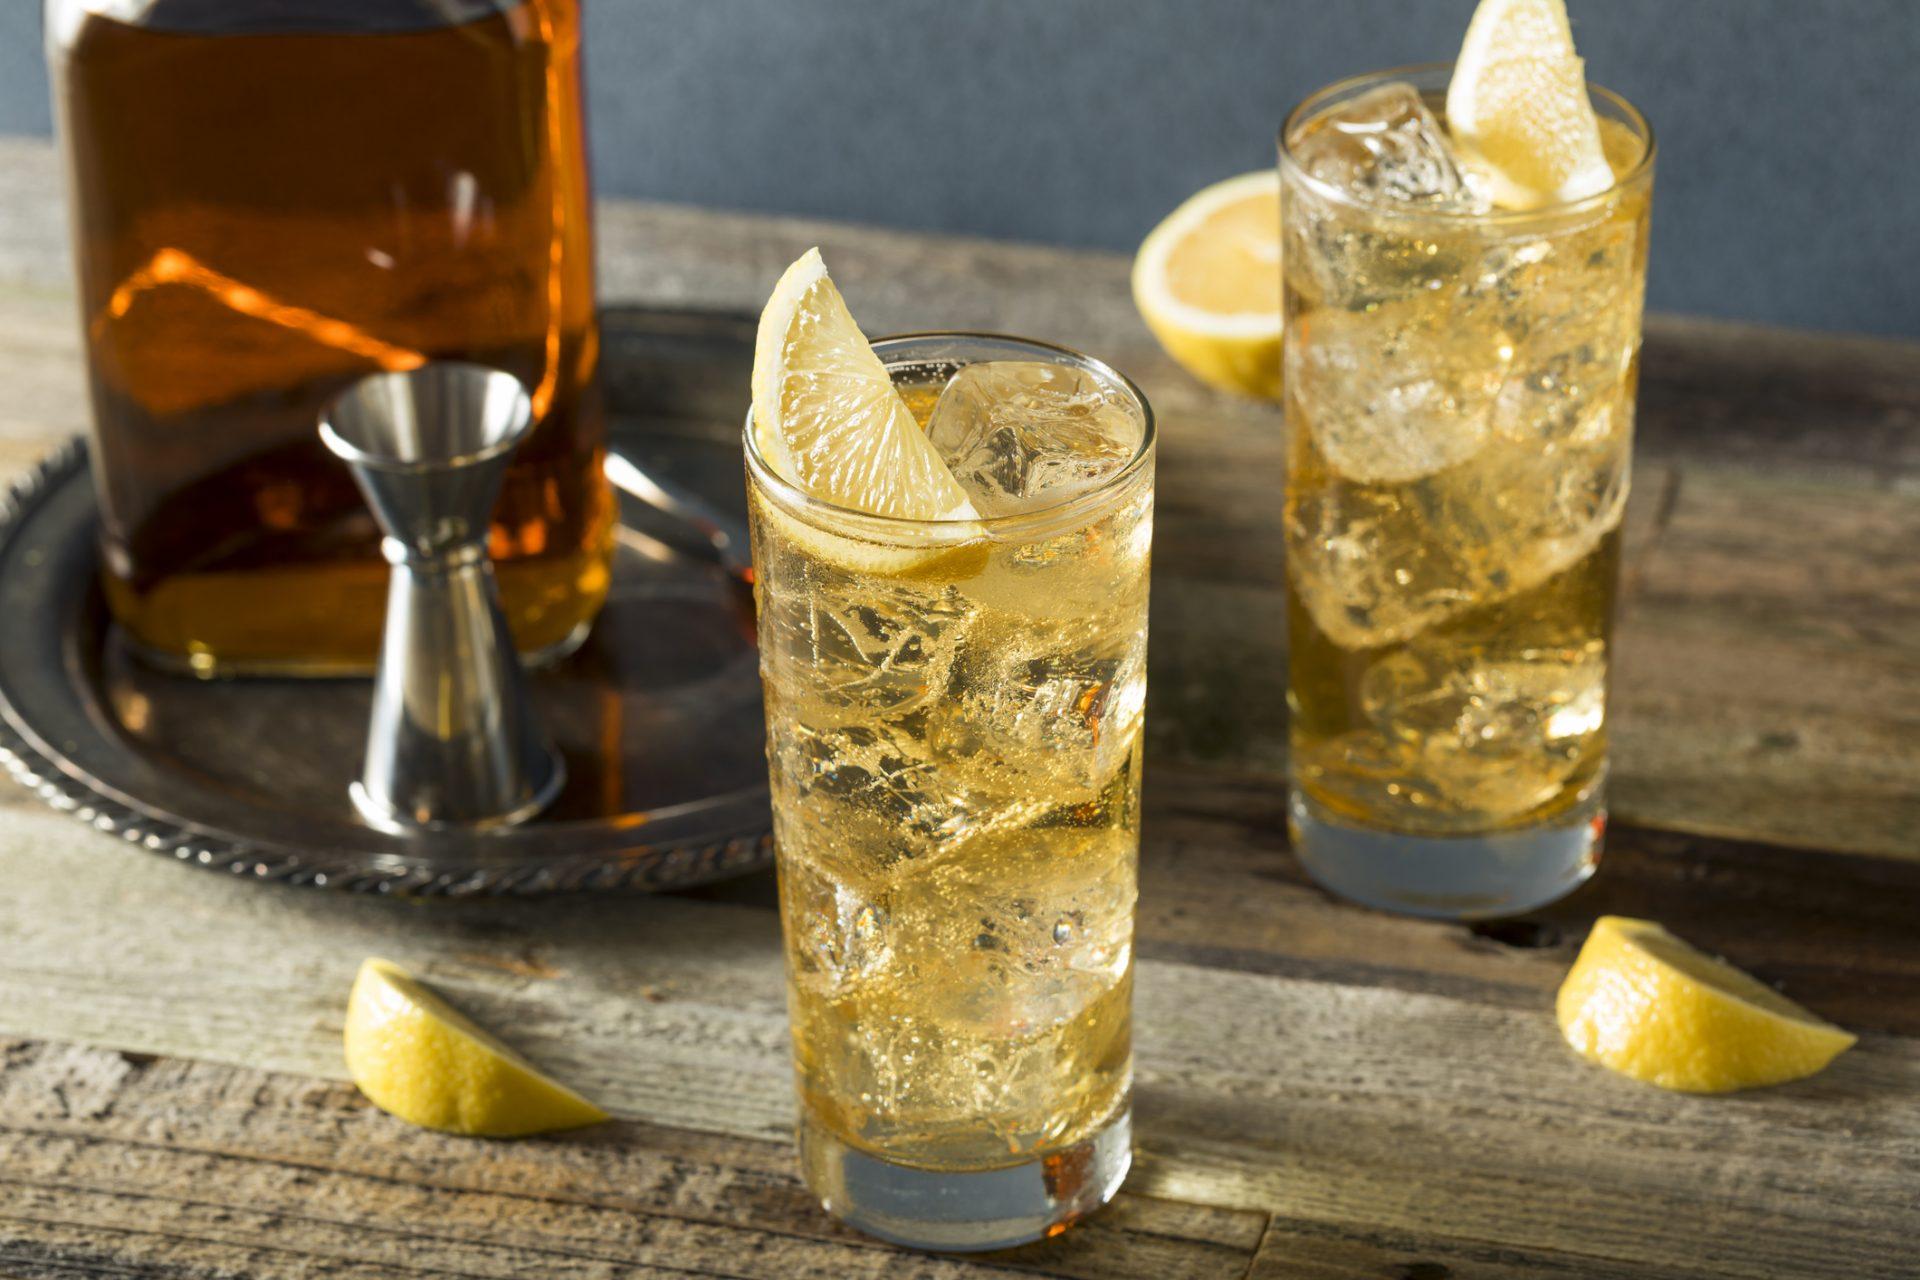 Beber whisky en combinado